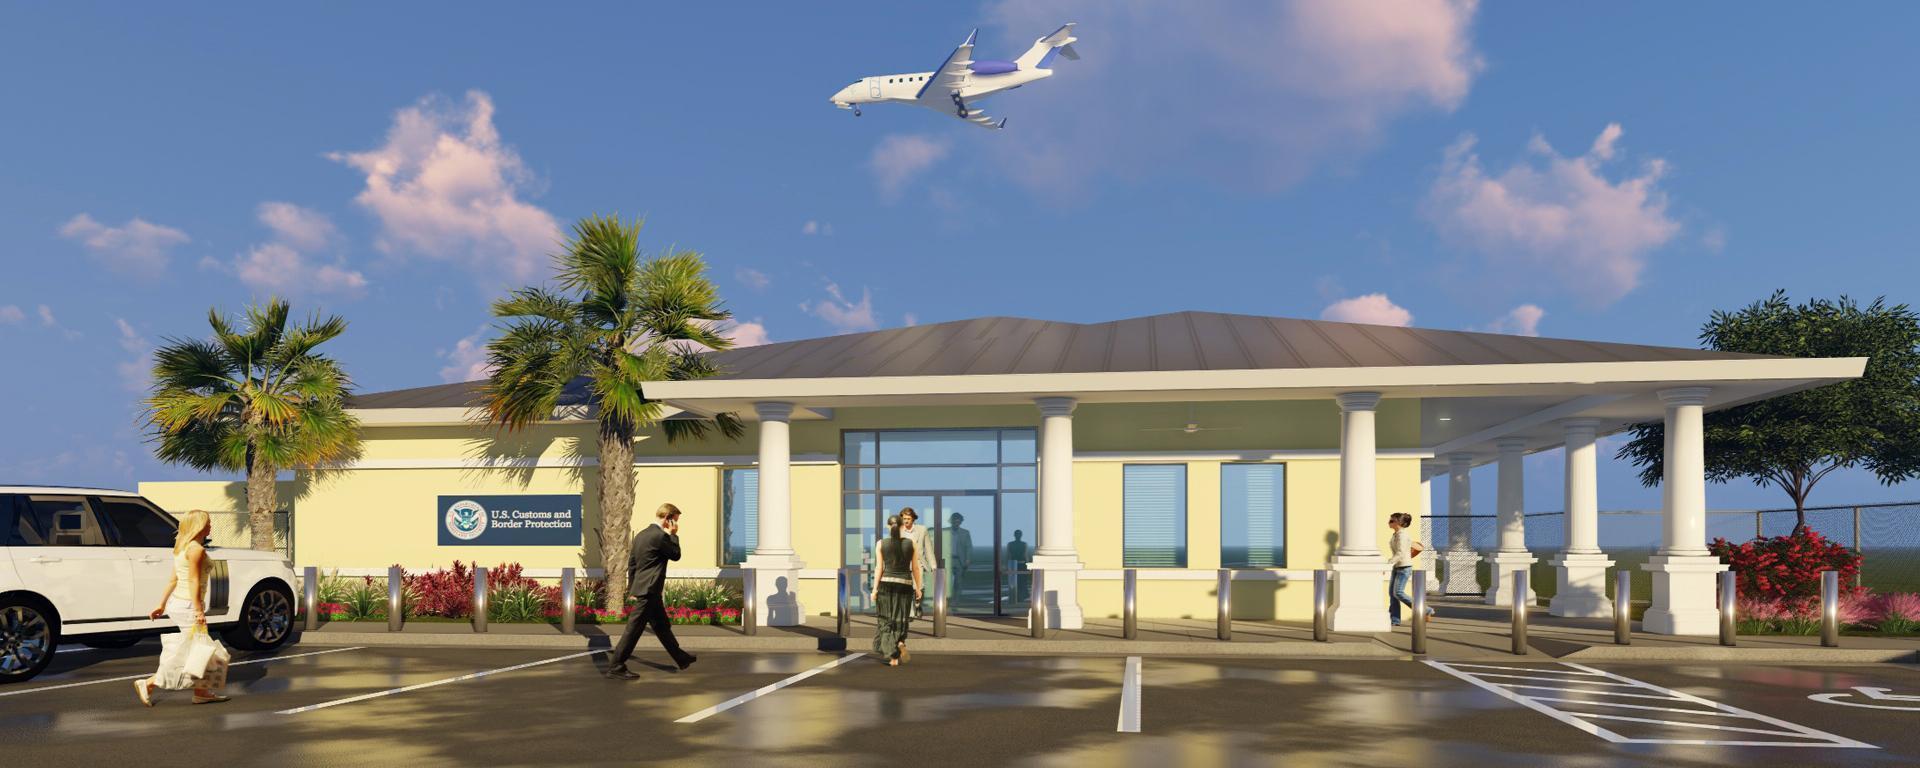 Martin County Customs Facility